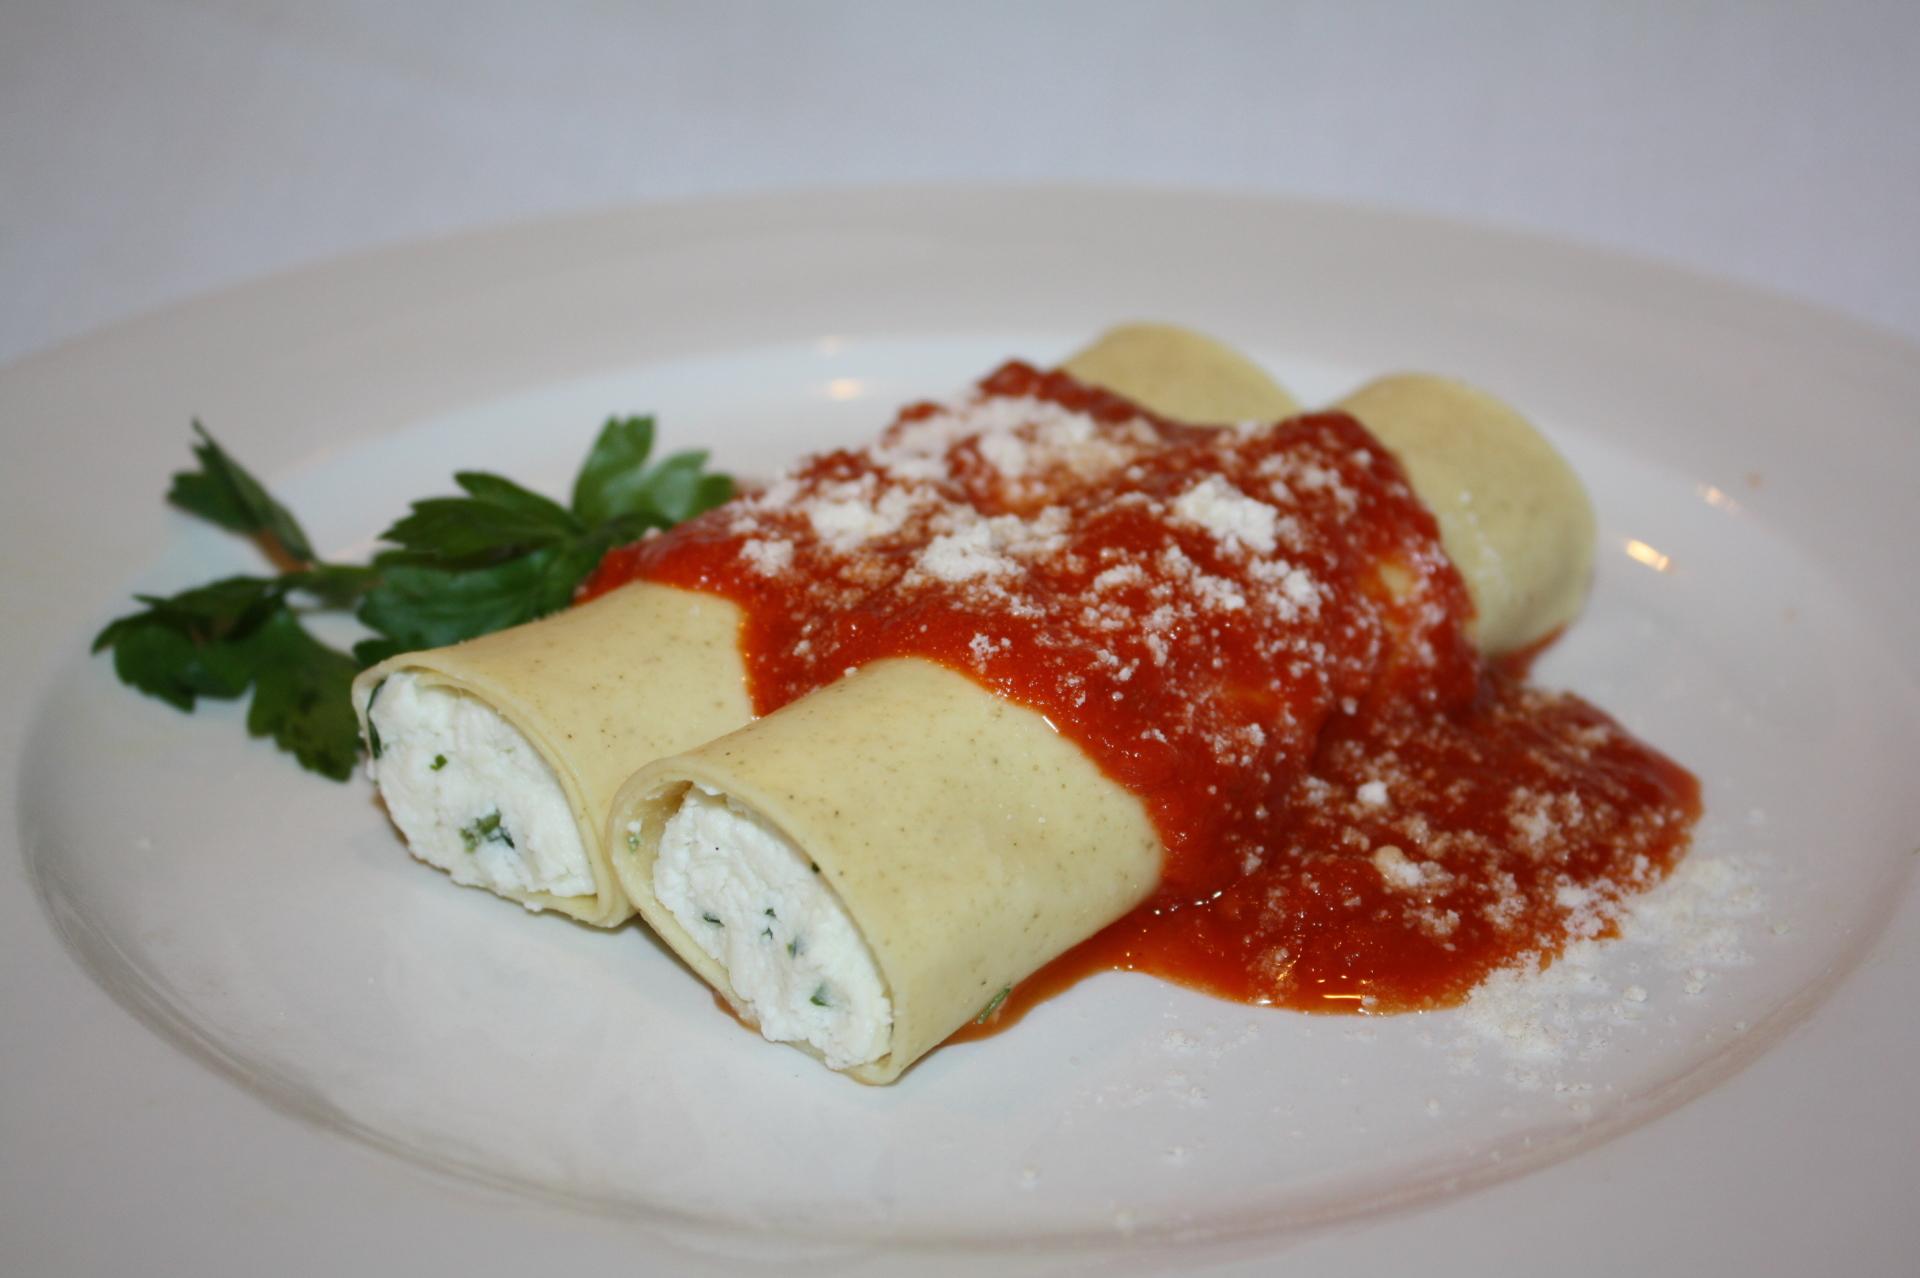 Homestyle Cheese Manicotti  Price $24 (10pcs)